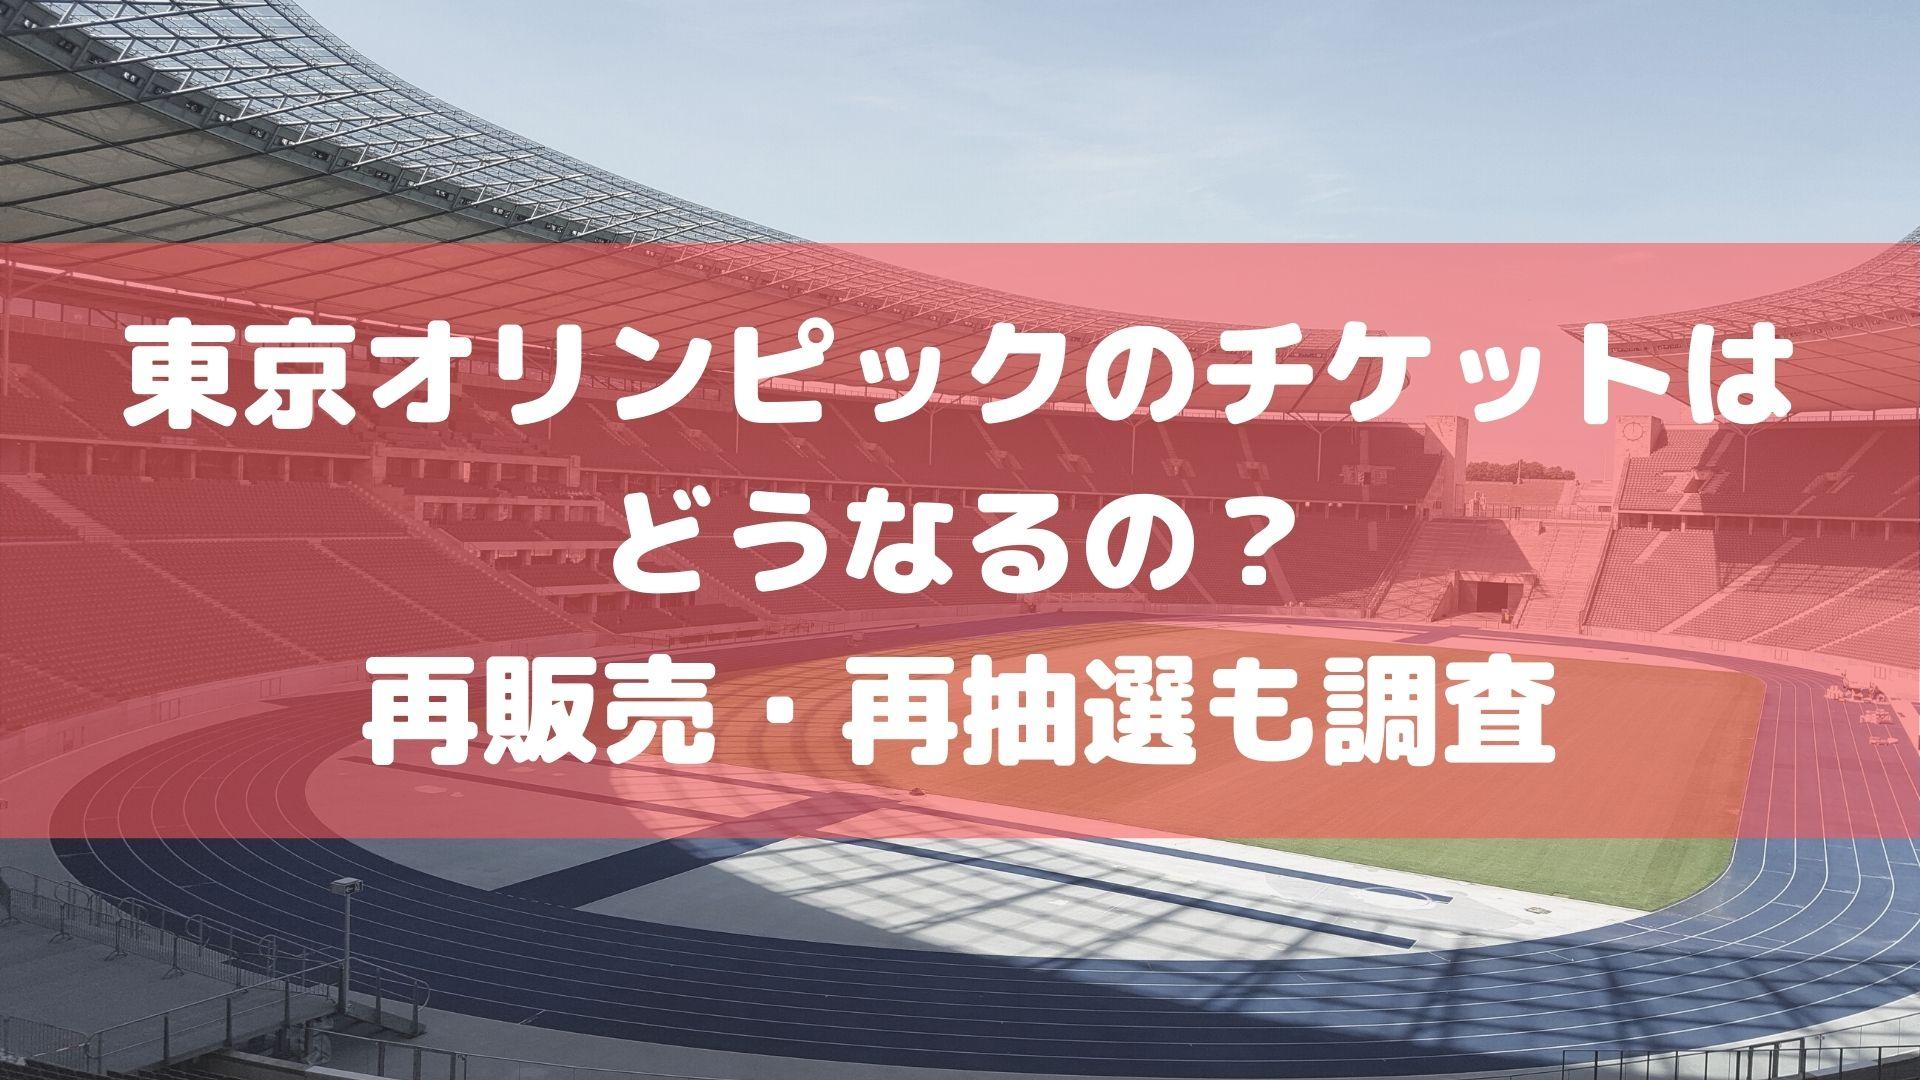 東京オリンピックのチケットどうなった?